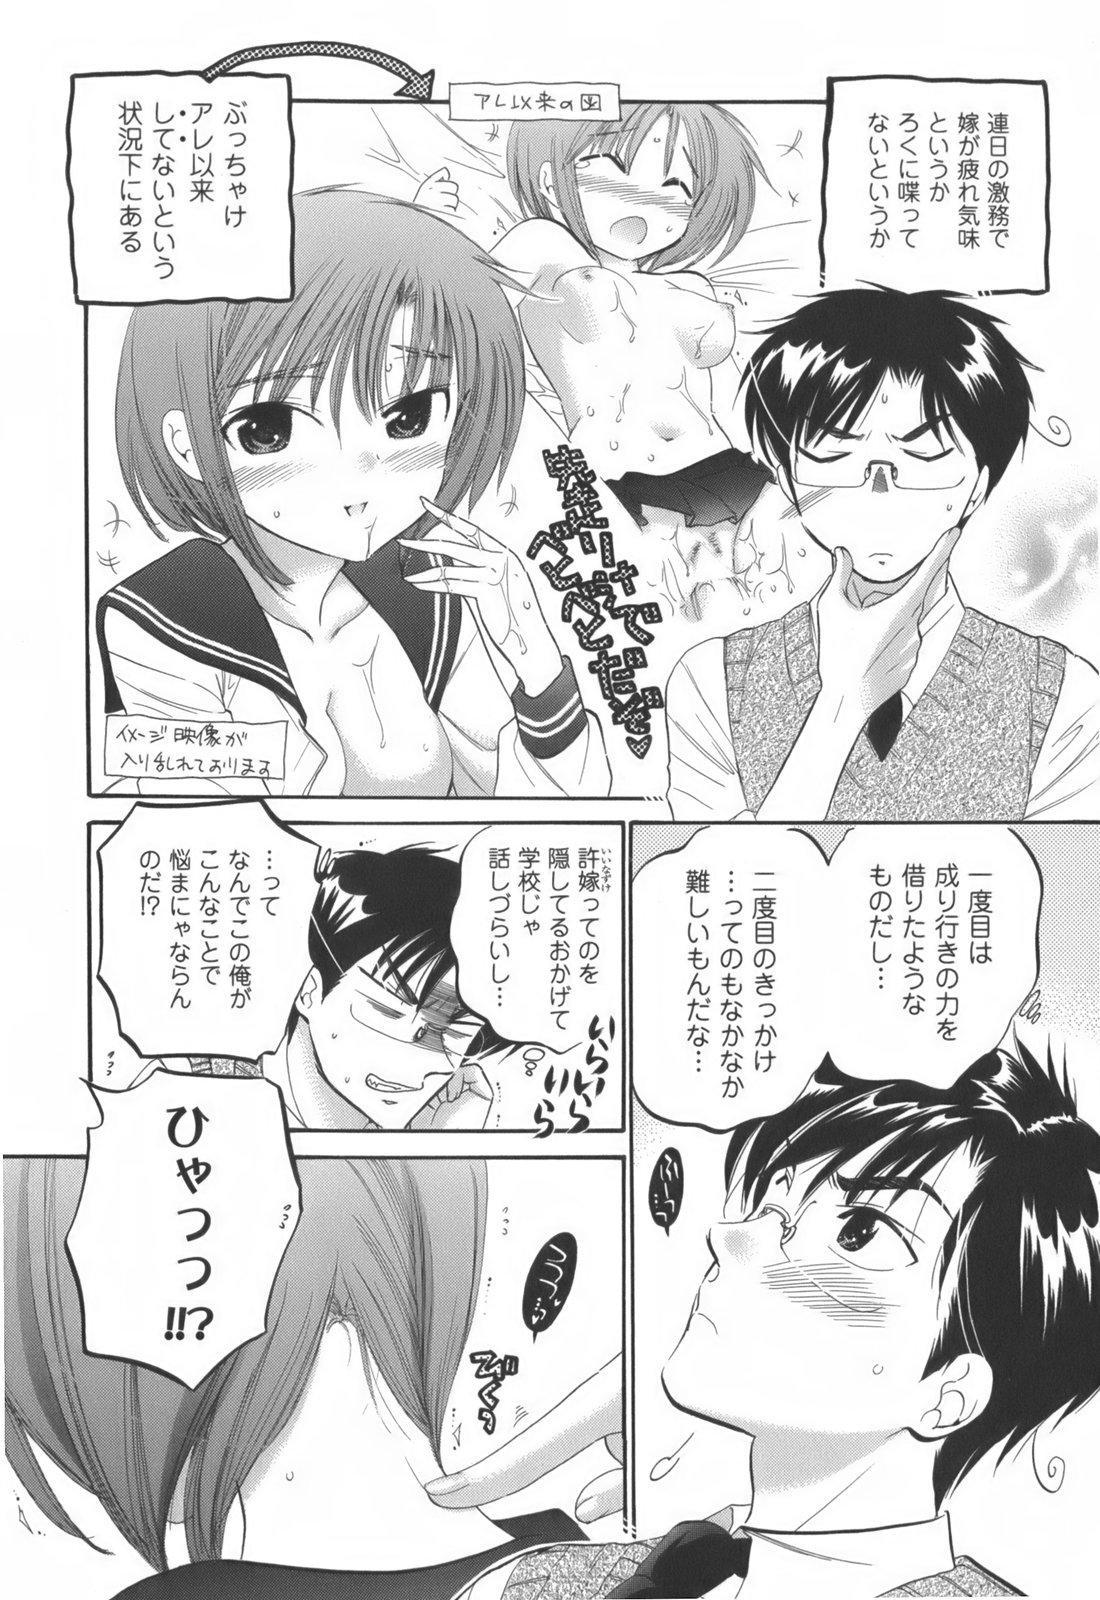 Okusama wa Seitokaichou 78